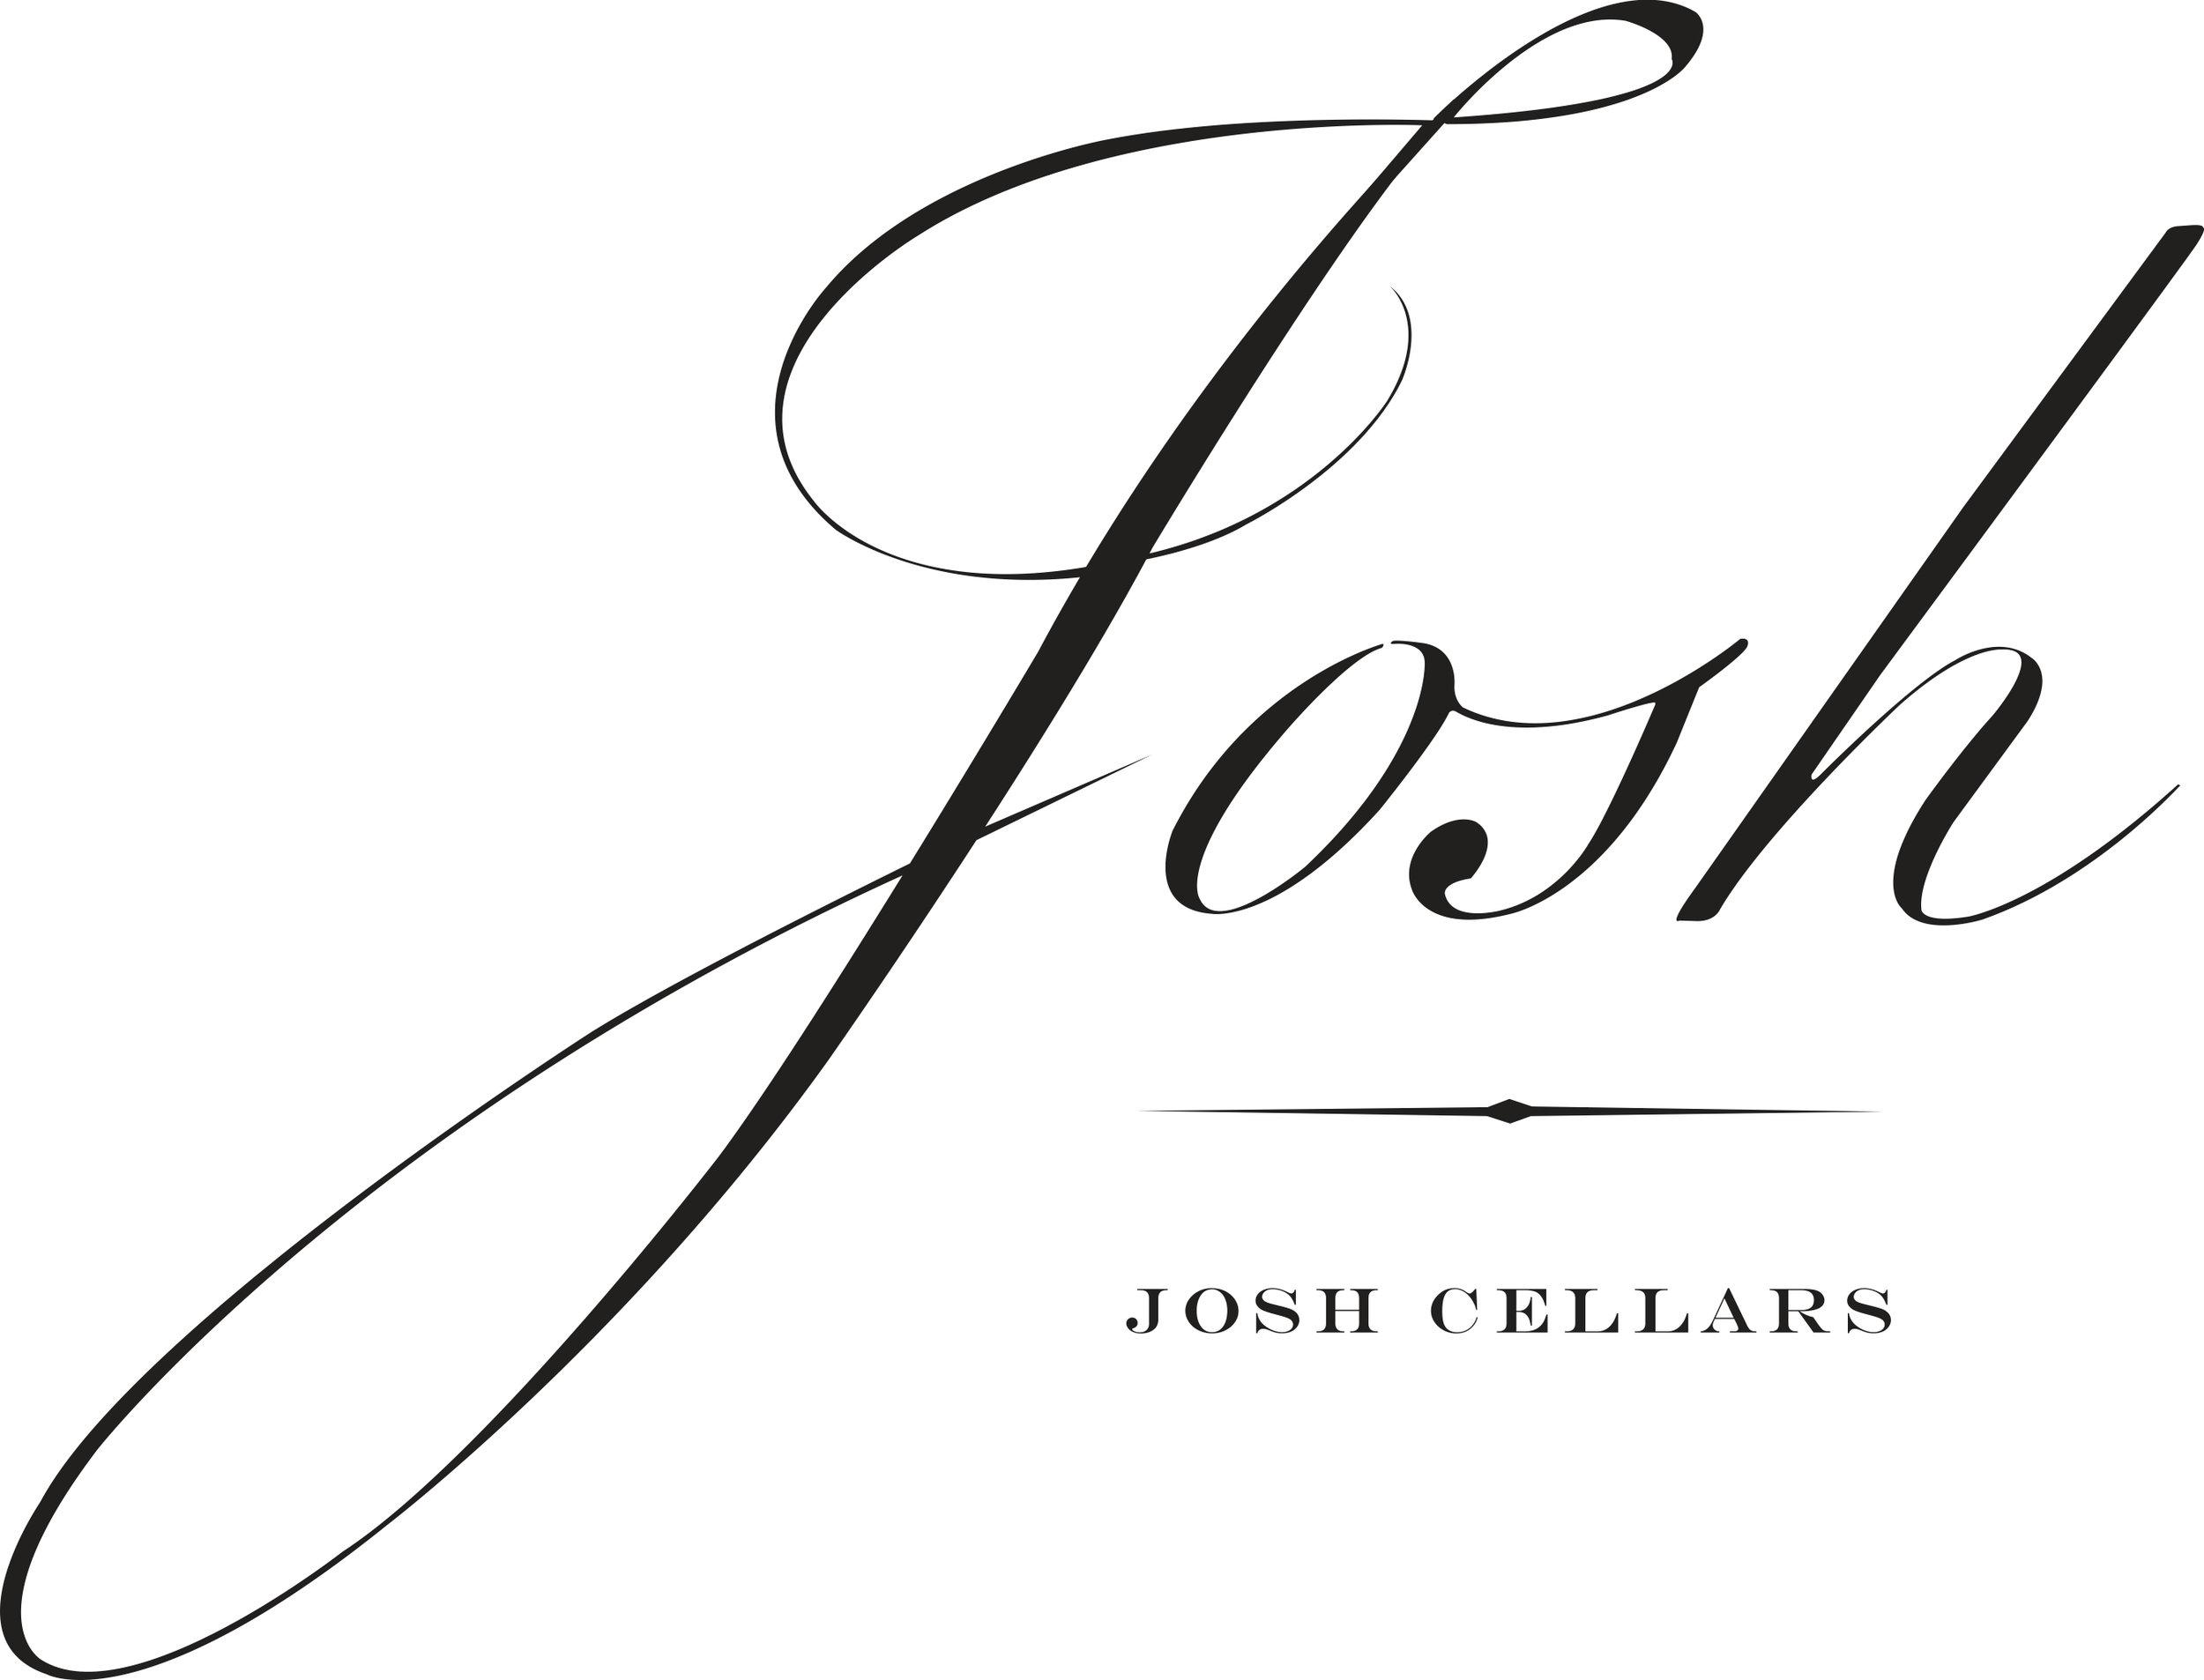 JOSH_logo.jpg